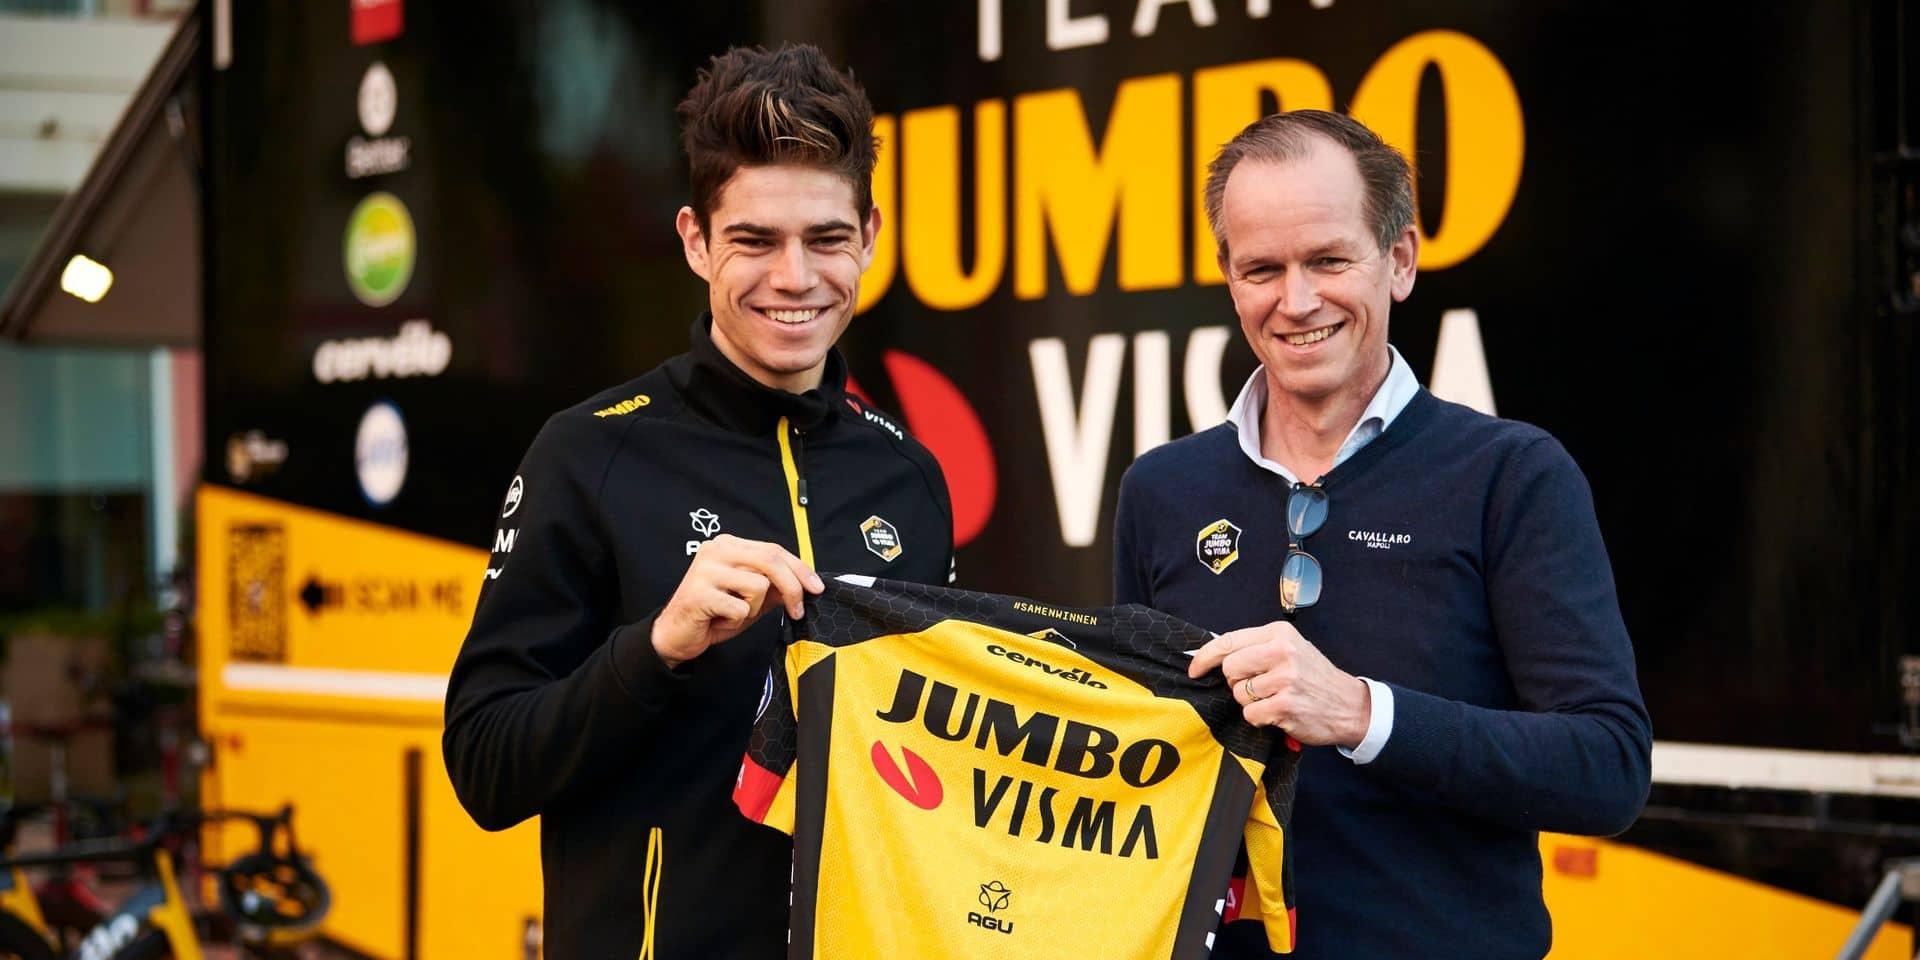 """Le manager de la Jumbo-Visma impressionné par Van Aert: """"Wout est peut-être bien le coureur le plus complet du monde"""""""